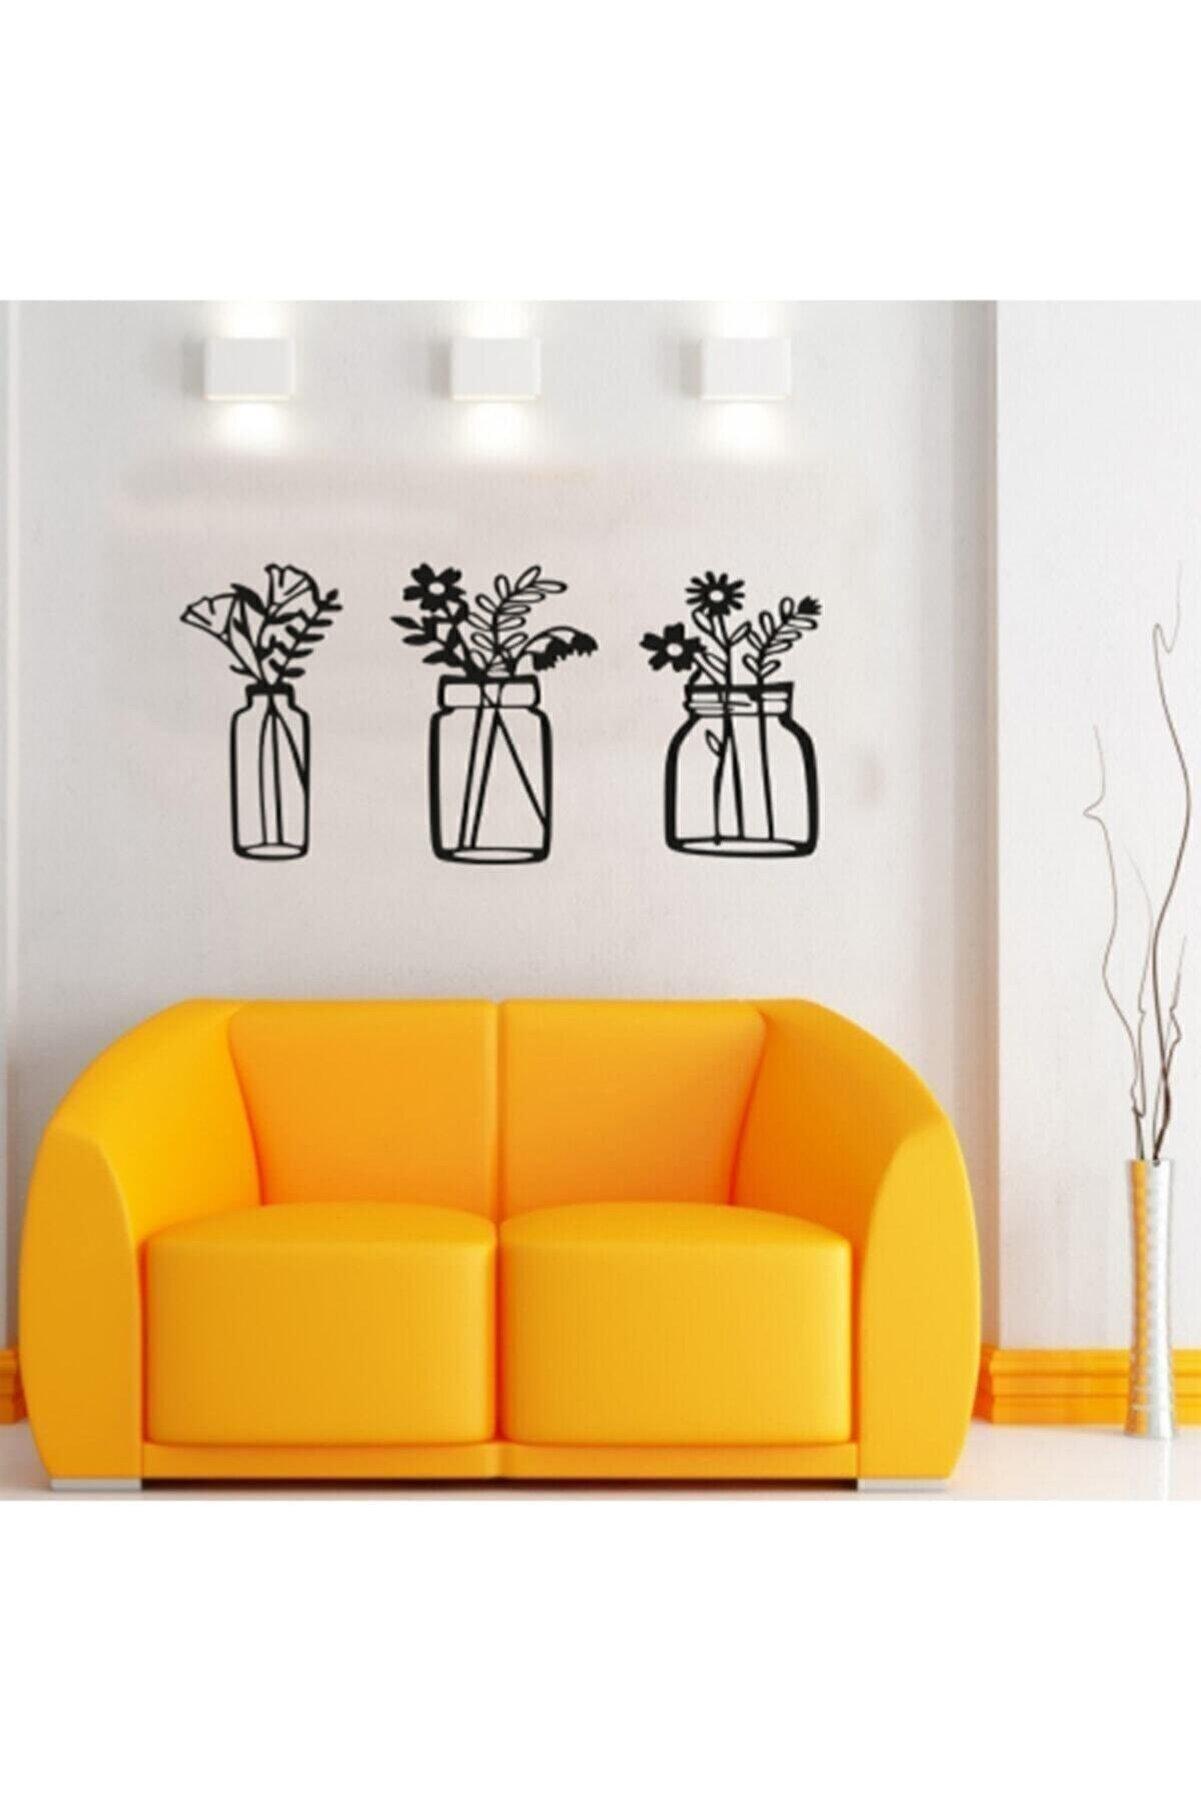 GİZEM SHOP Bahar Çiçekleri Üçlü Set Duvar Dekoru Kavanoz Duvar Süsü, Ahşap Lazer Kesim Dekoratif Tablo Siyah